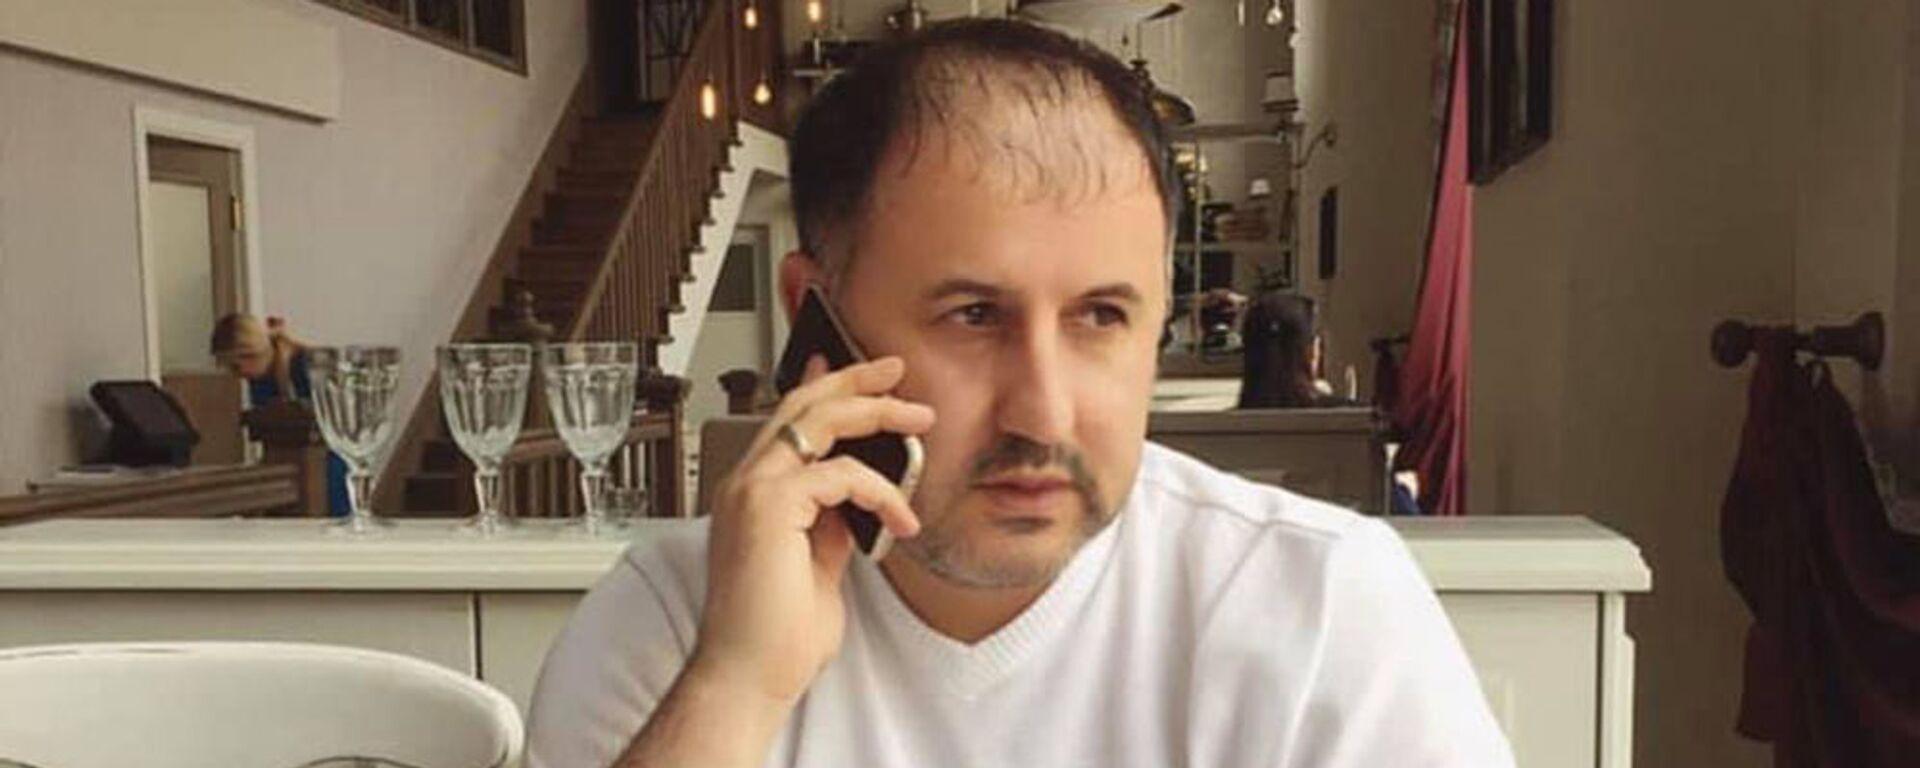 Киёмиддин Саидов, представитель Таджик Эйр - Sputnik Таджикистан, 1920, 03.12.2020